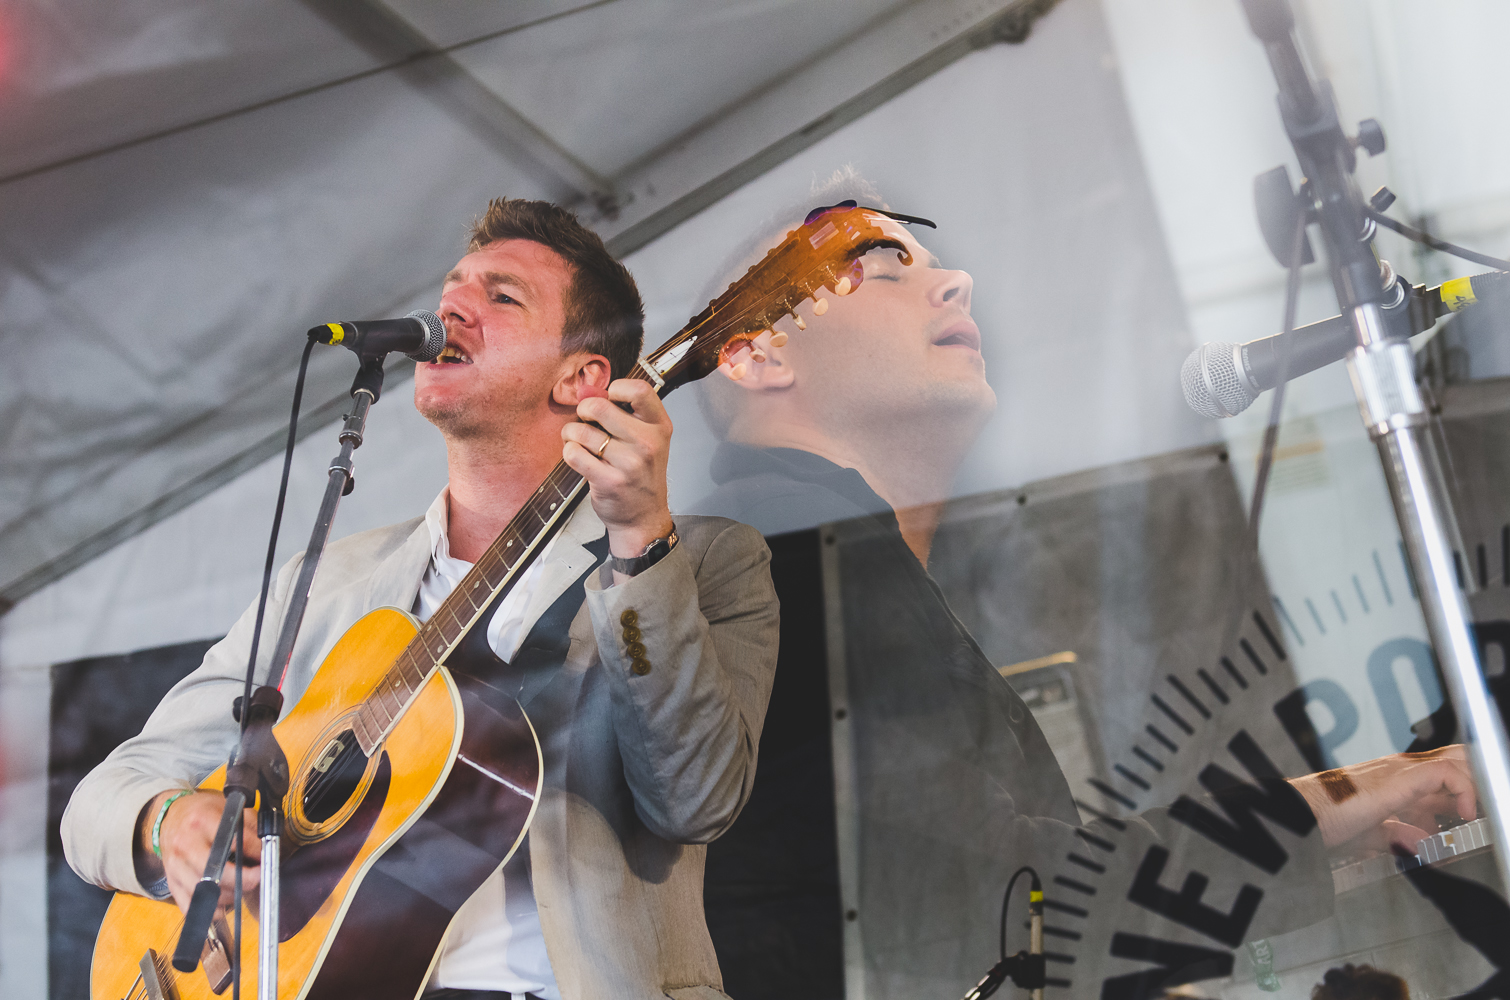 Newport Folk Festival Hamilton Leithauser & Rostam